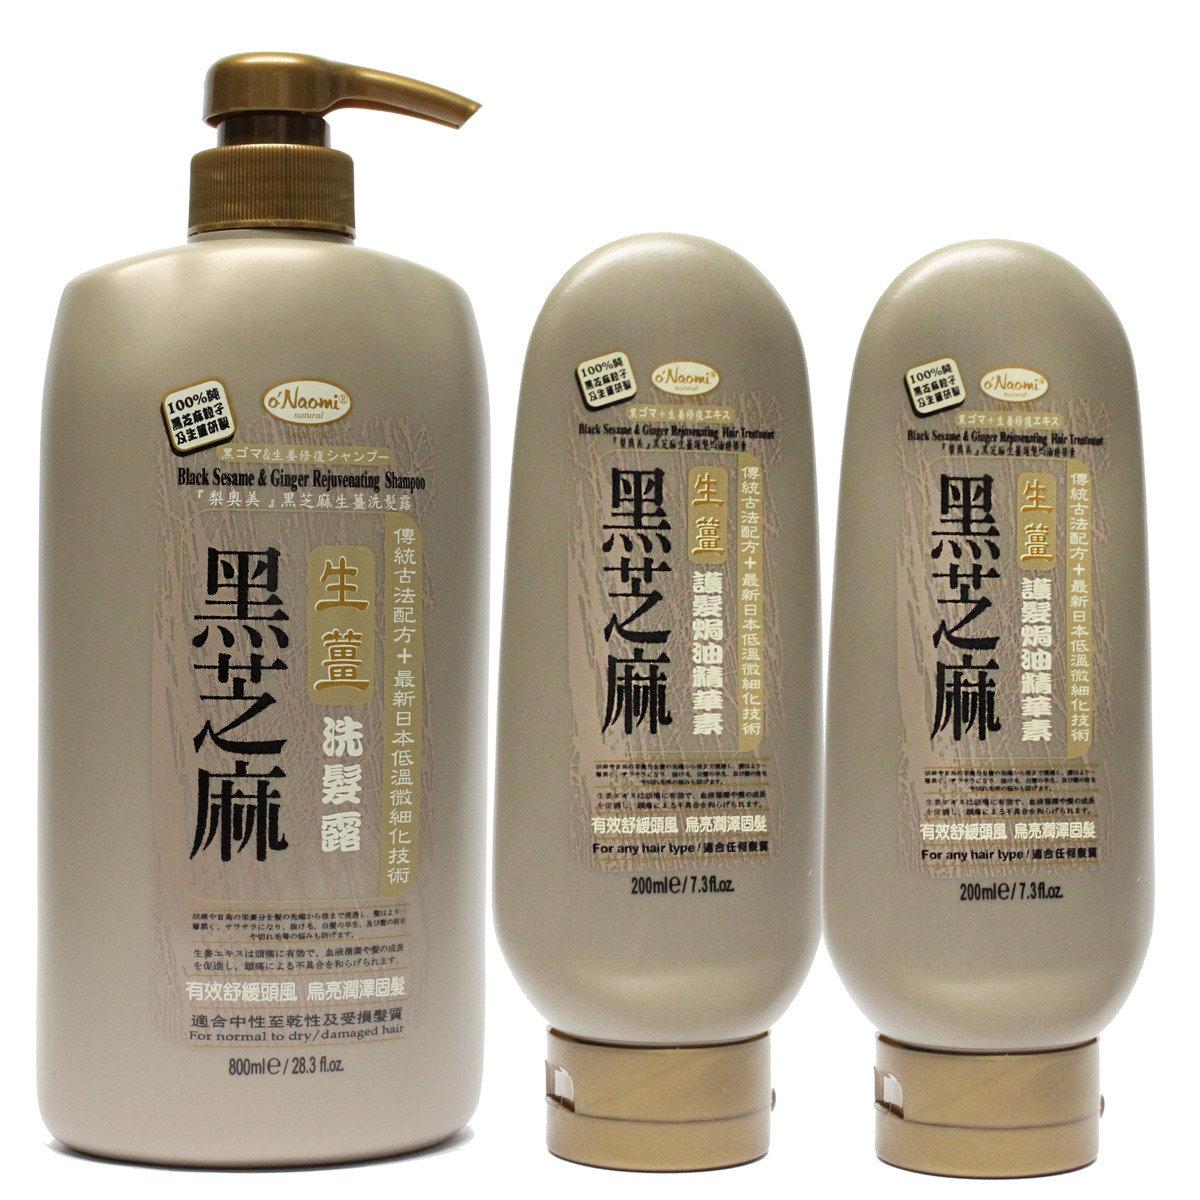 黑芝麻生薑烏髮洗髮露800毫升1支+護髮精華素200毫升2支